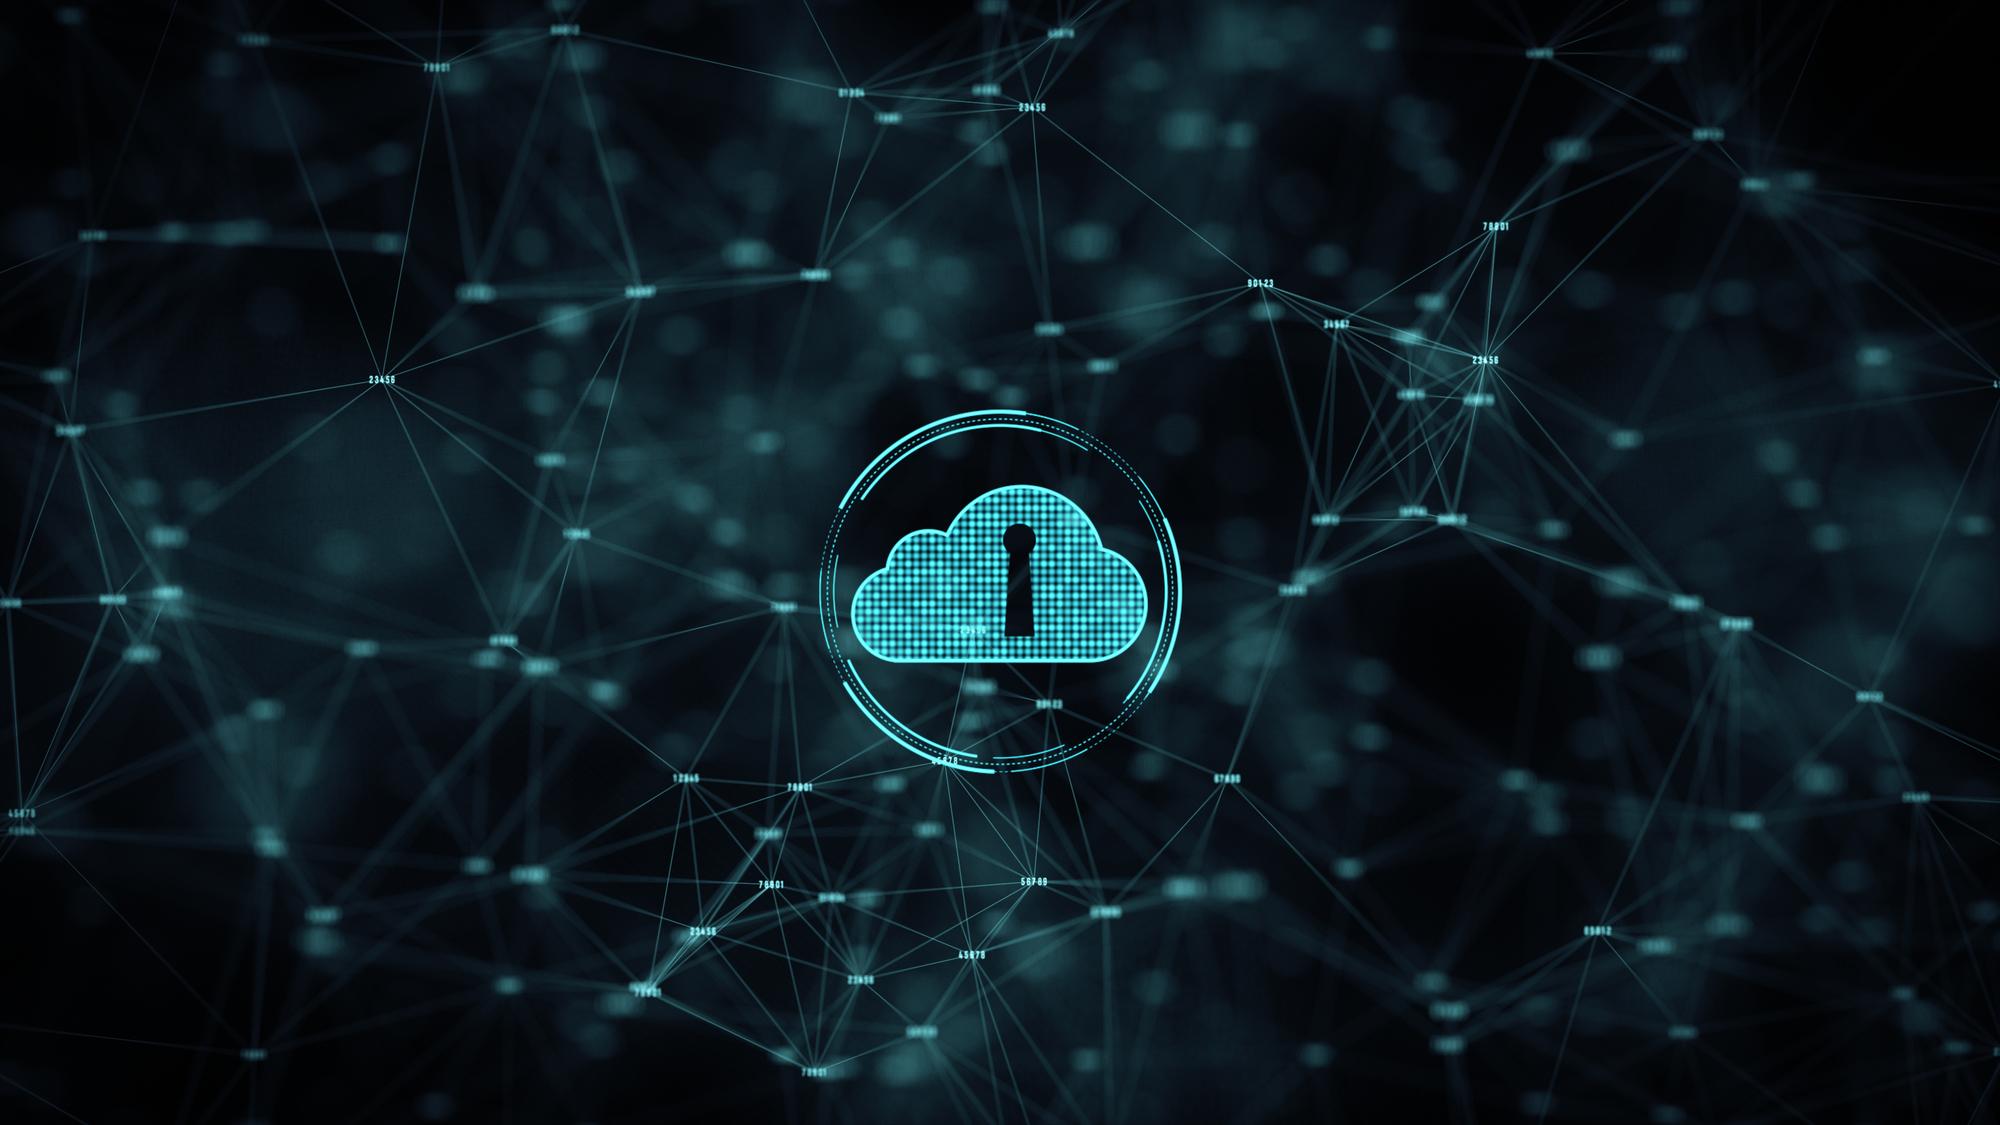 クラウド時代に必要なセキュリティサービス「IDaaS」とは?メリットや機能をご紹介のアイキャッチイメージ